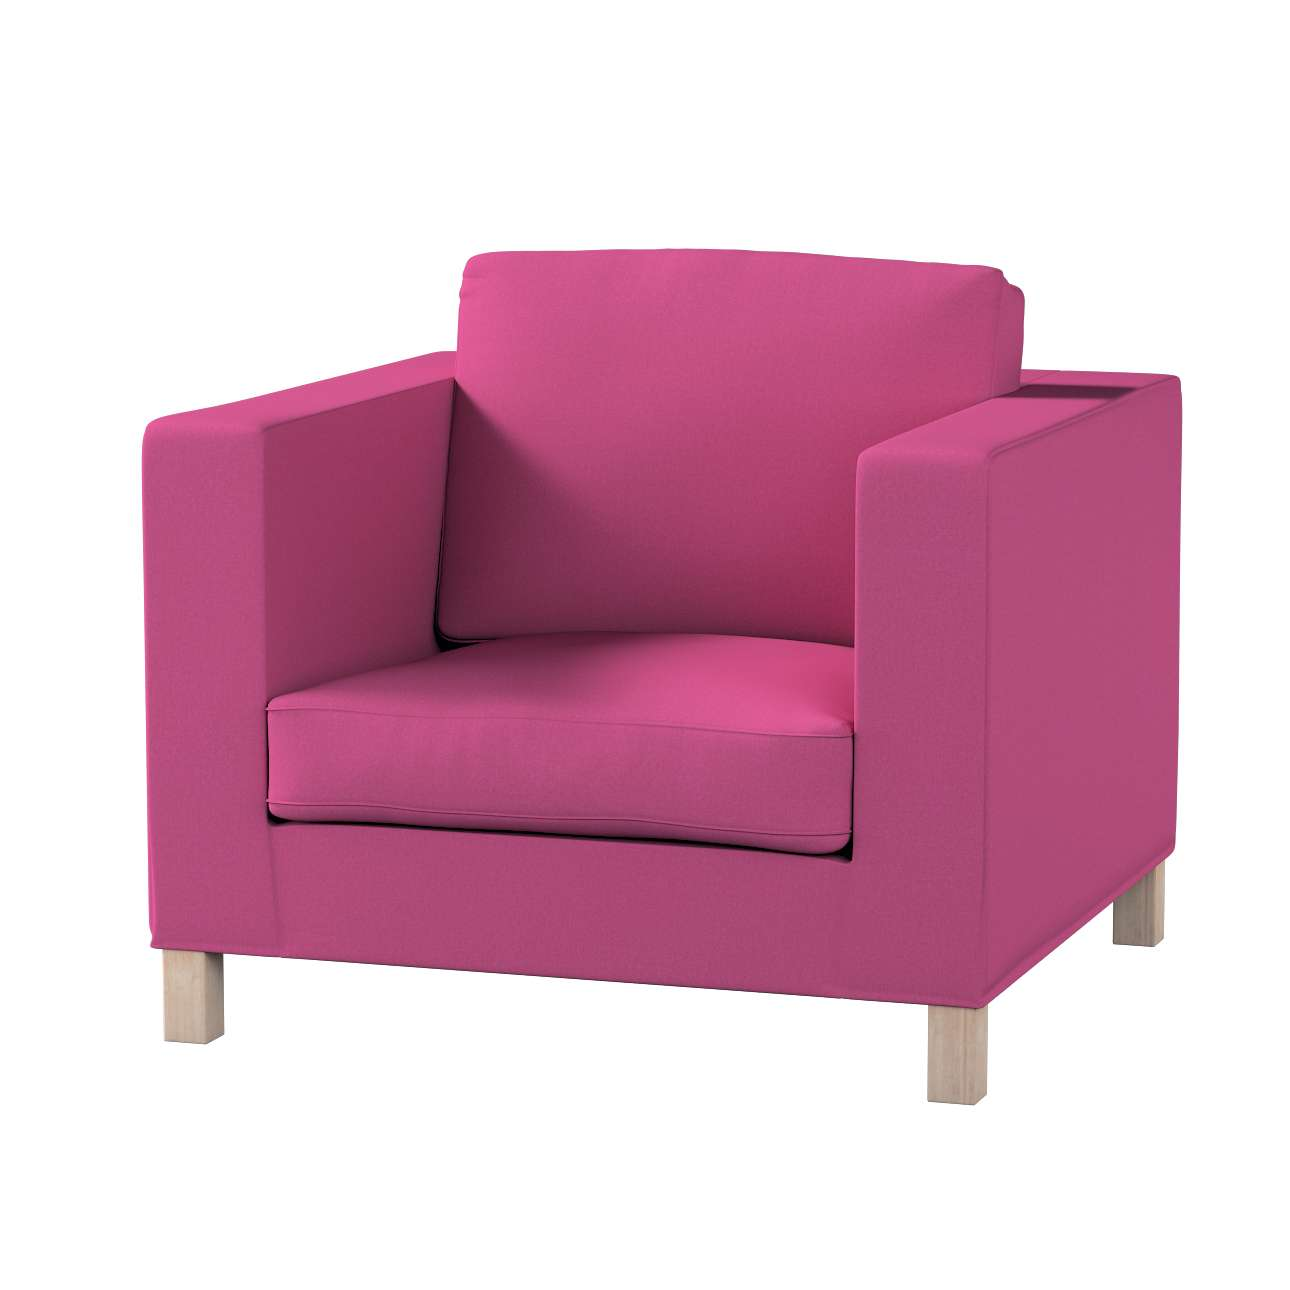 Karlanda päällinen nojatuoli, lyhyt mallistosta Living 2, Kangas: 161-29